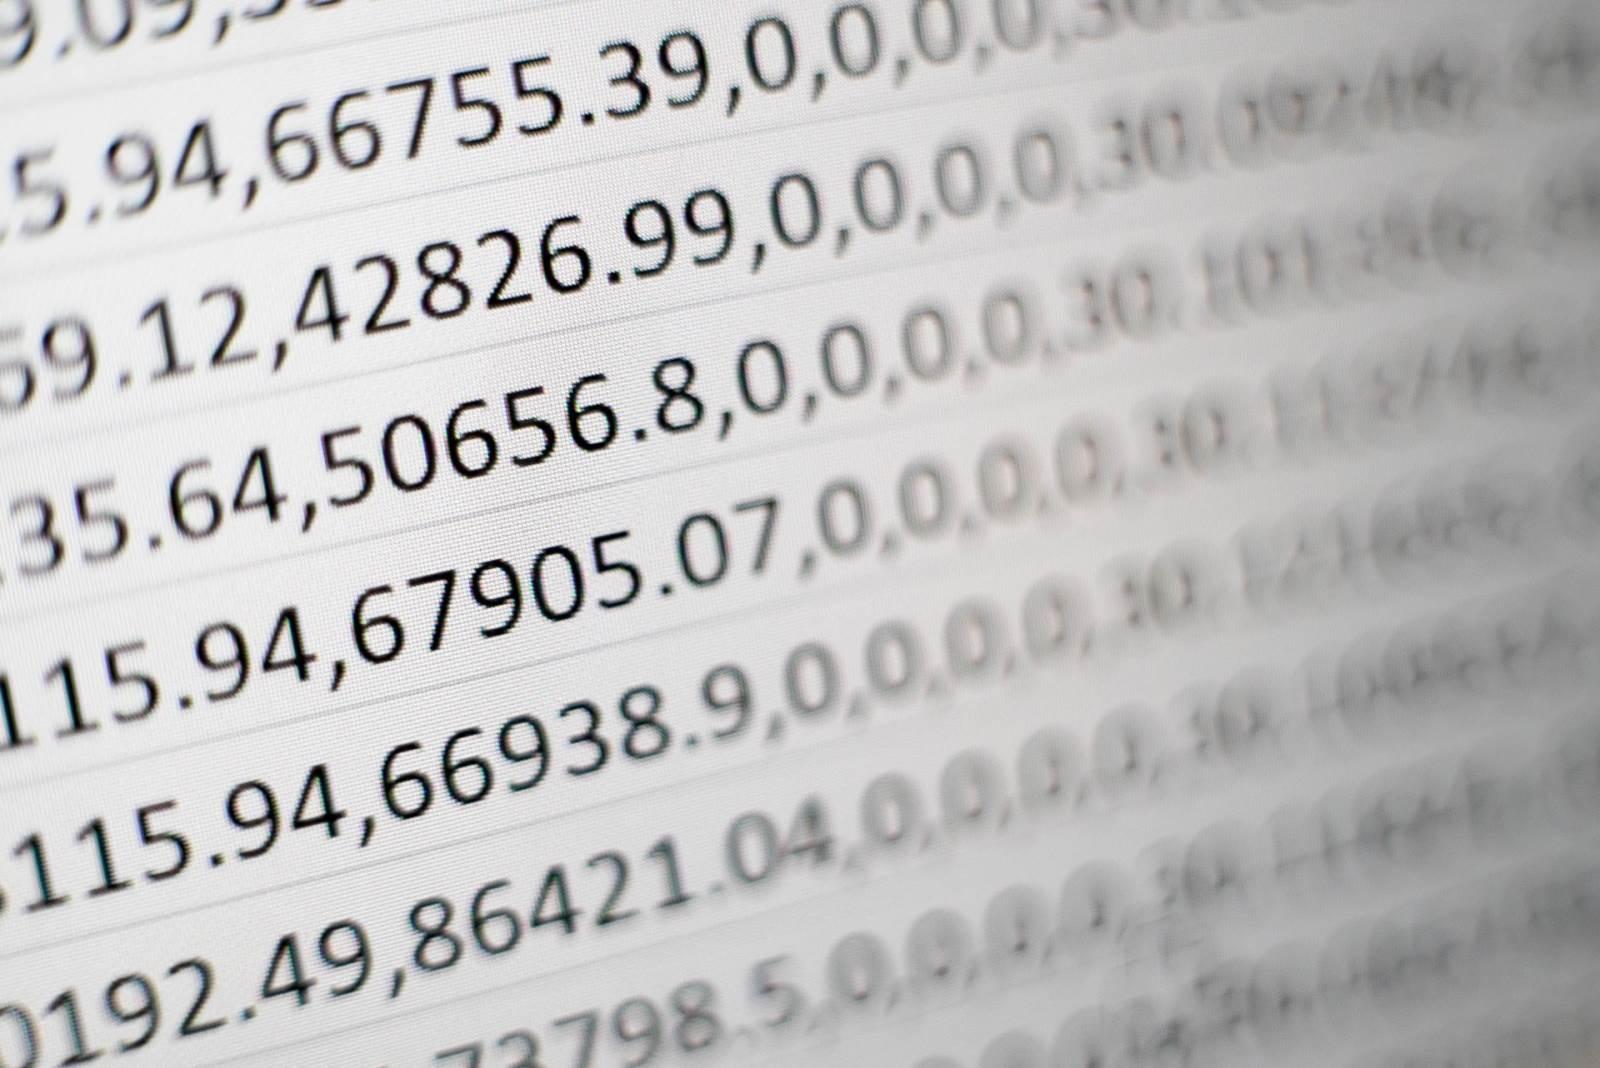 Brojevi u tabeli